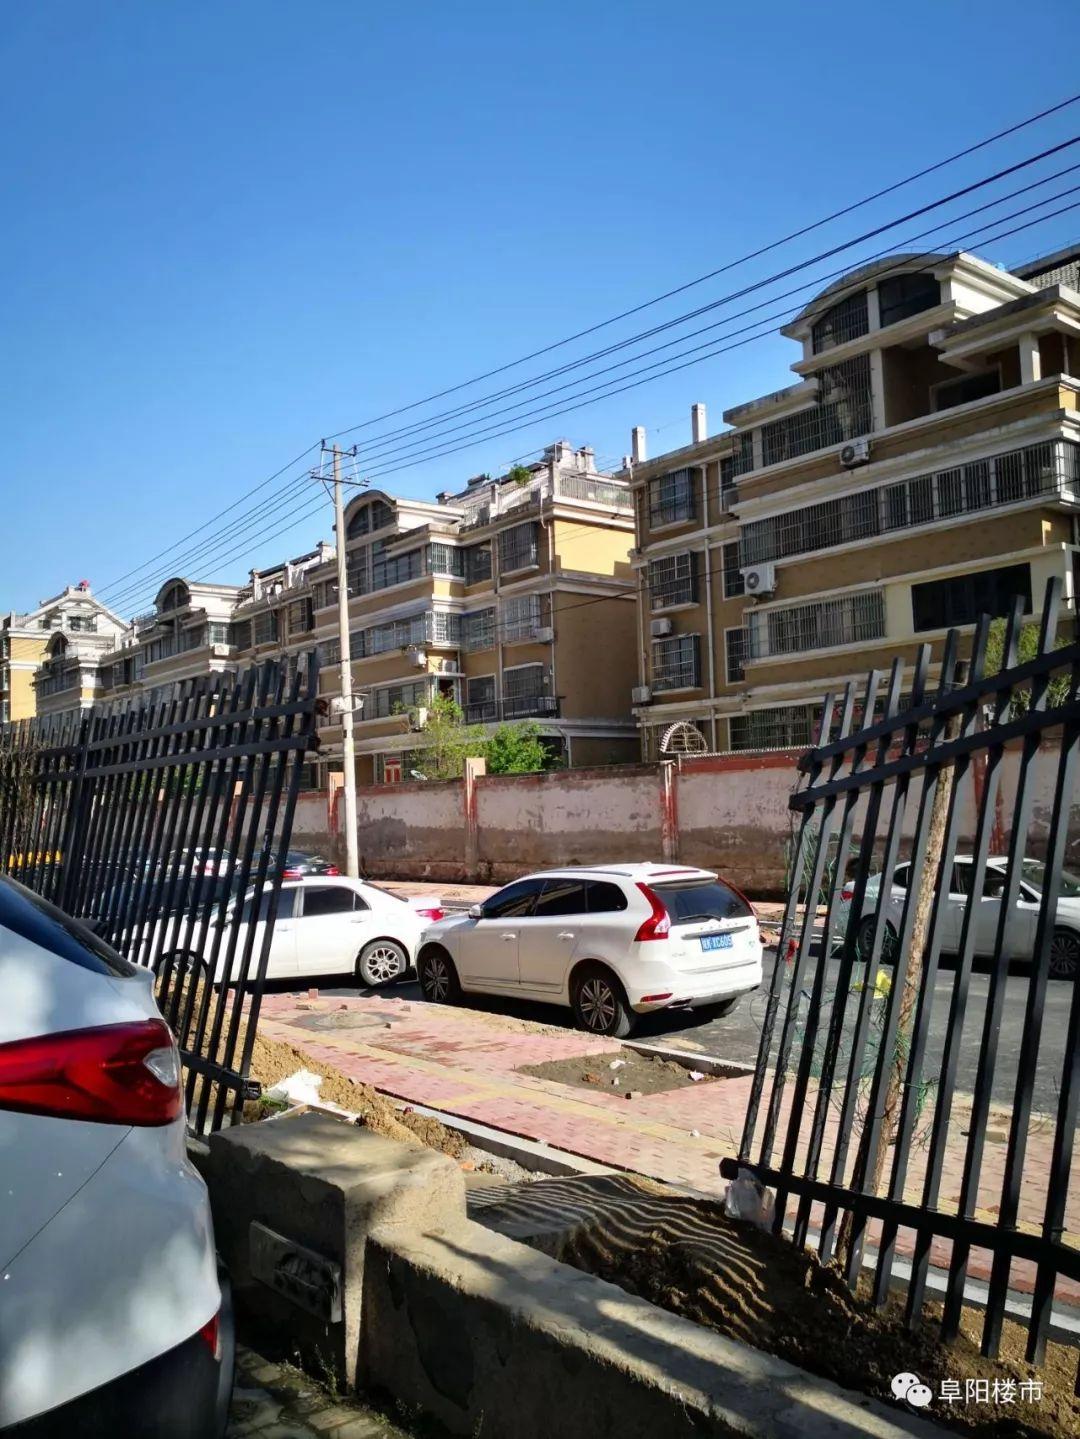 【实拍】阜阳这家小区:燃气箱暴露,围墙开放……如何保护业主安全?